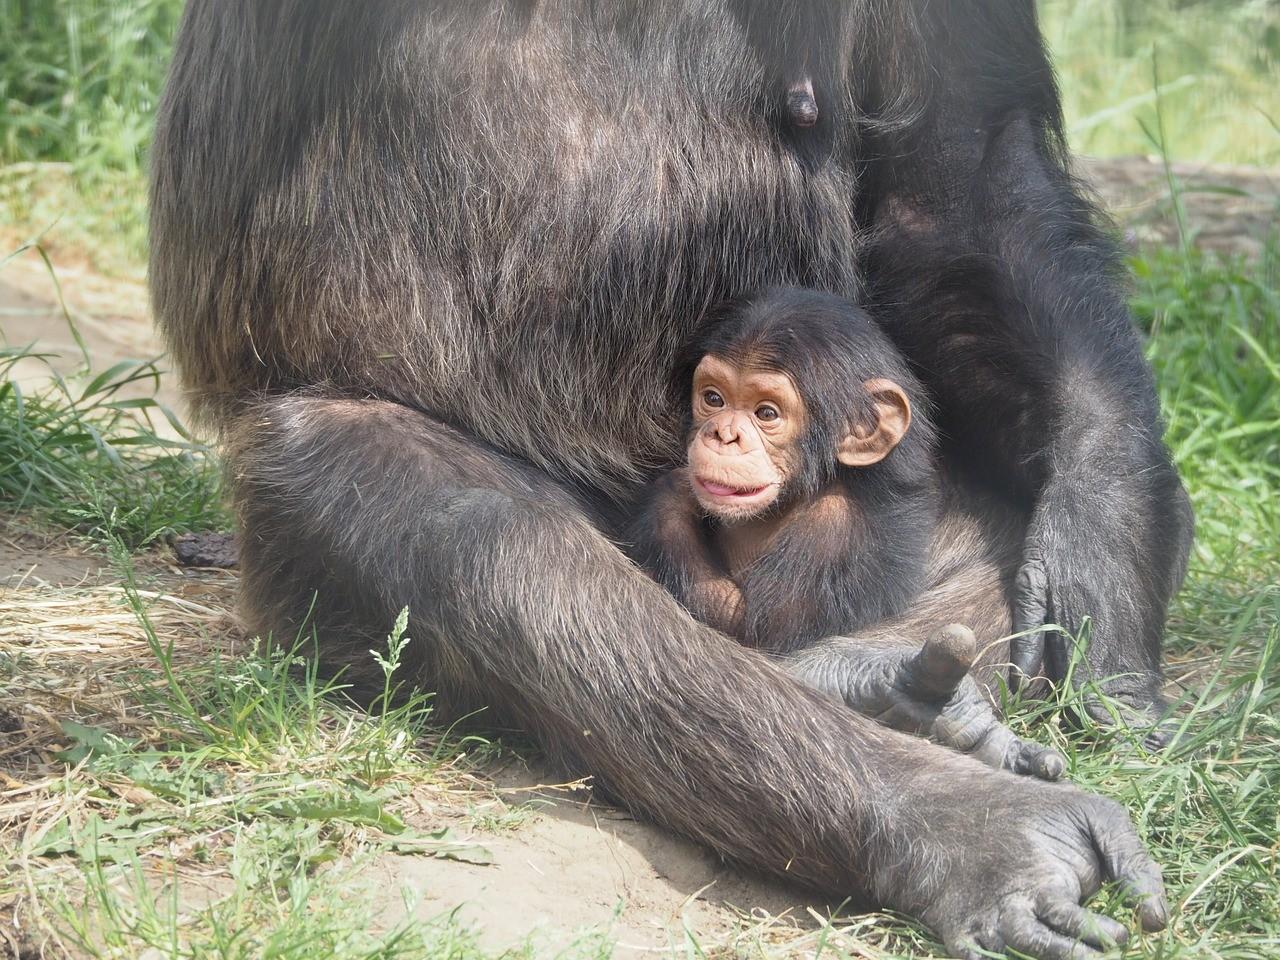 Mamãe! Olha como aquela bunda é feia! (Foto: Pixabay/Domínio Público)